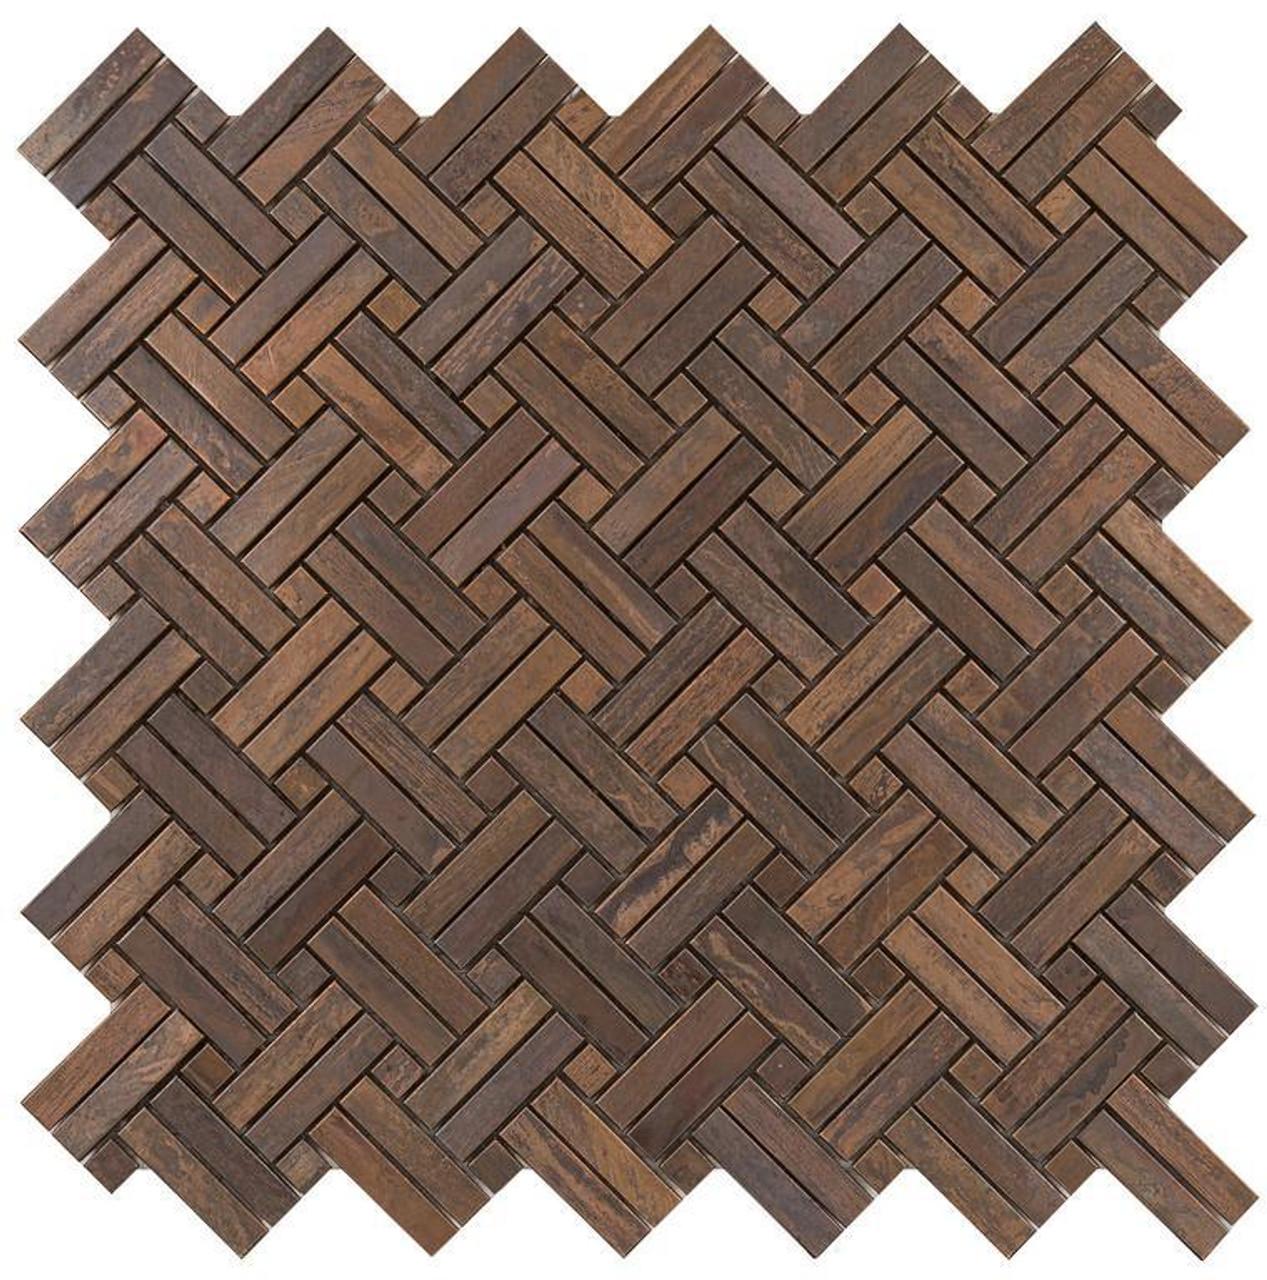 UBC Antique Copper Tile Backsplash 2By Mosaic